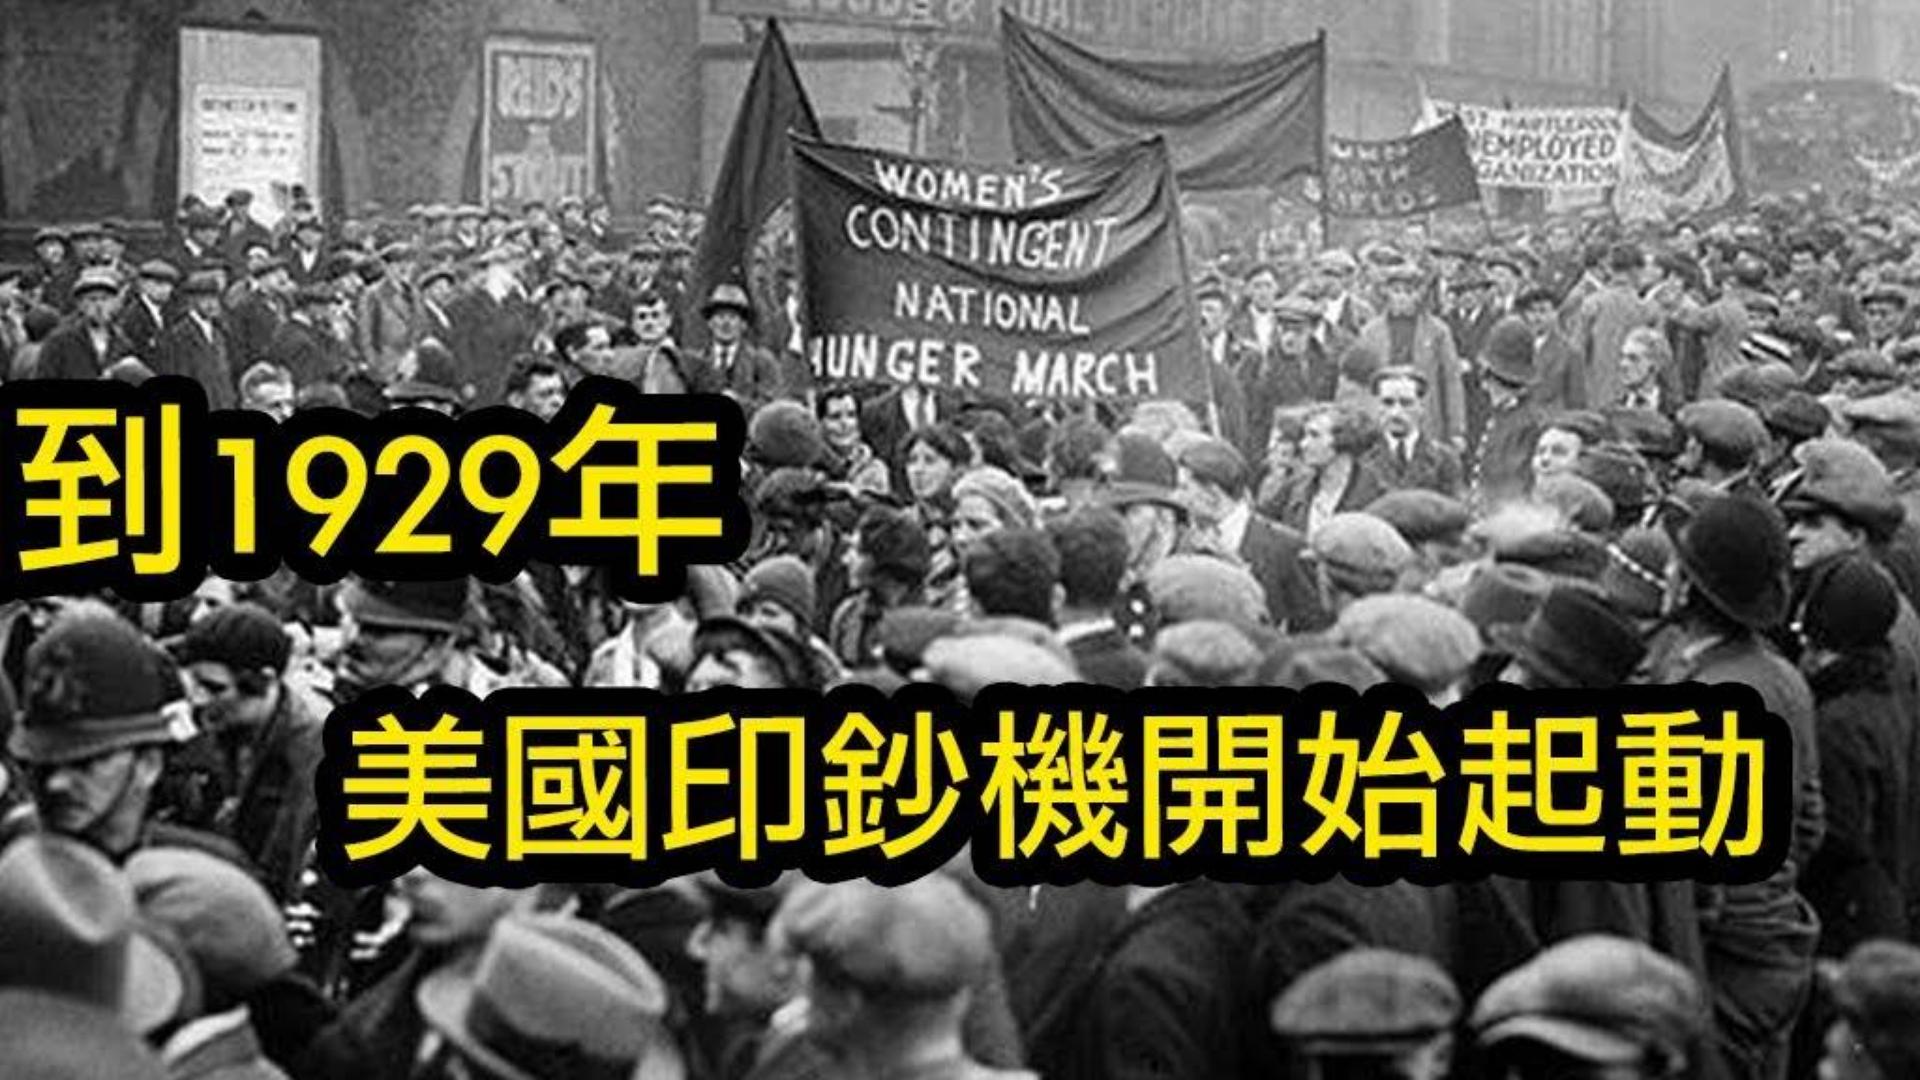 [QSJY]近代最严重的经济衰退:1929年的美国经济大萧条